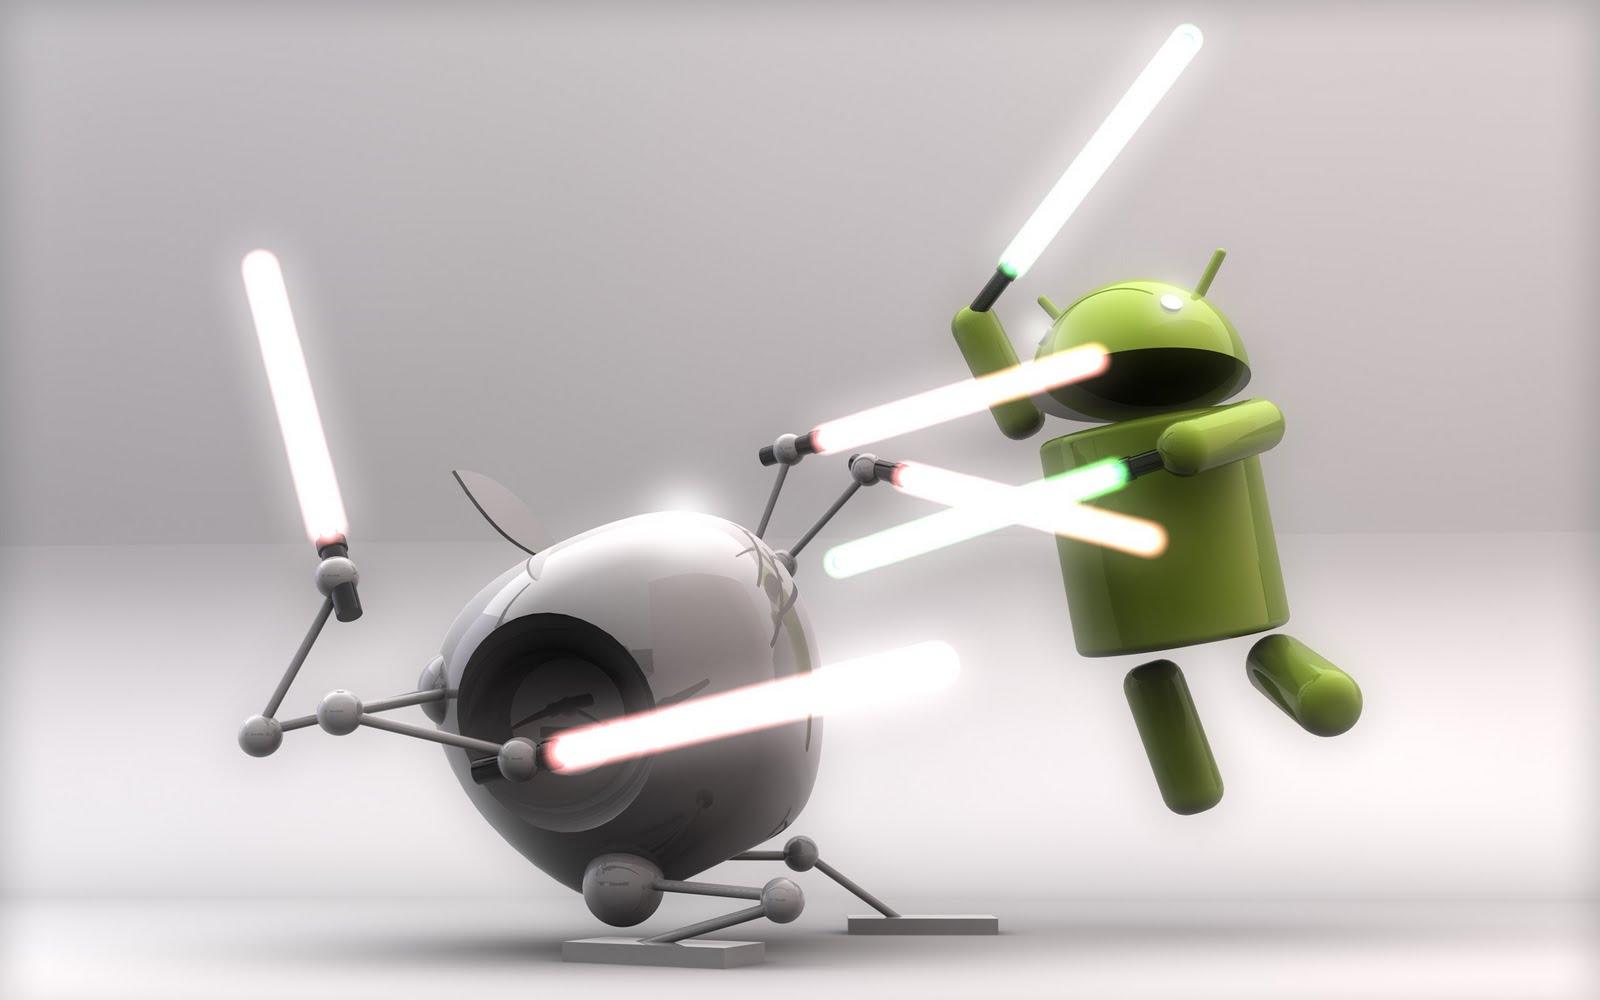 Công nghệ - Android: 'Bình mới, rượu cũng mới?' (Hình 2).